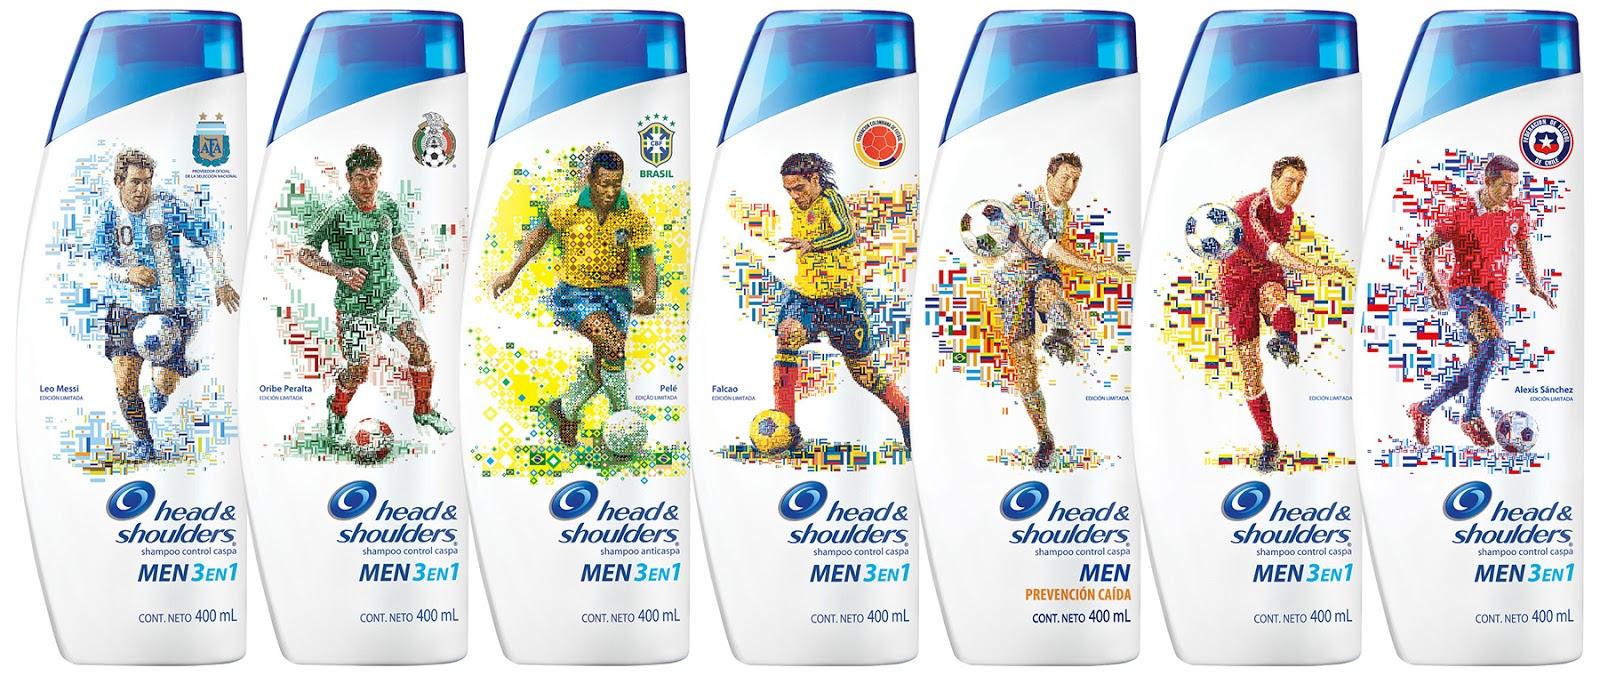 10 opakowań specjalnej edycji 2014 Fifa World Cup